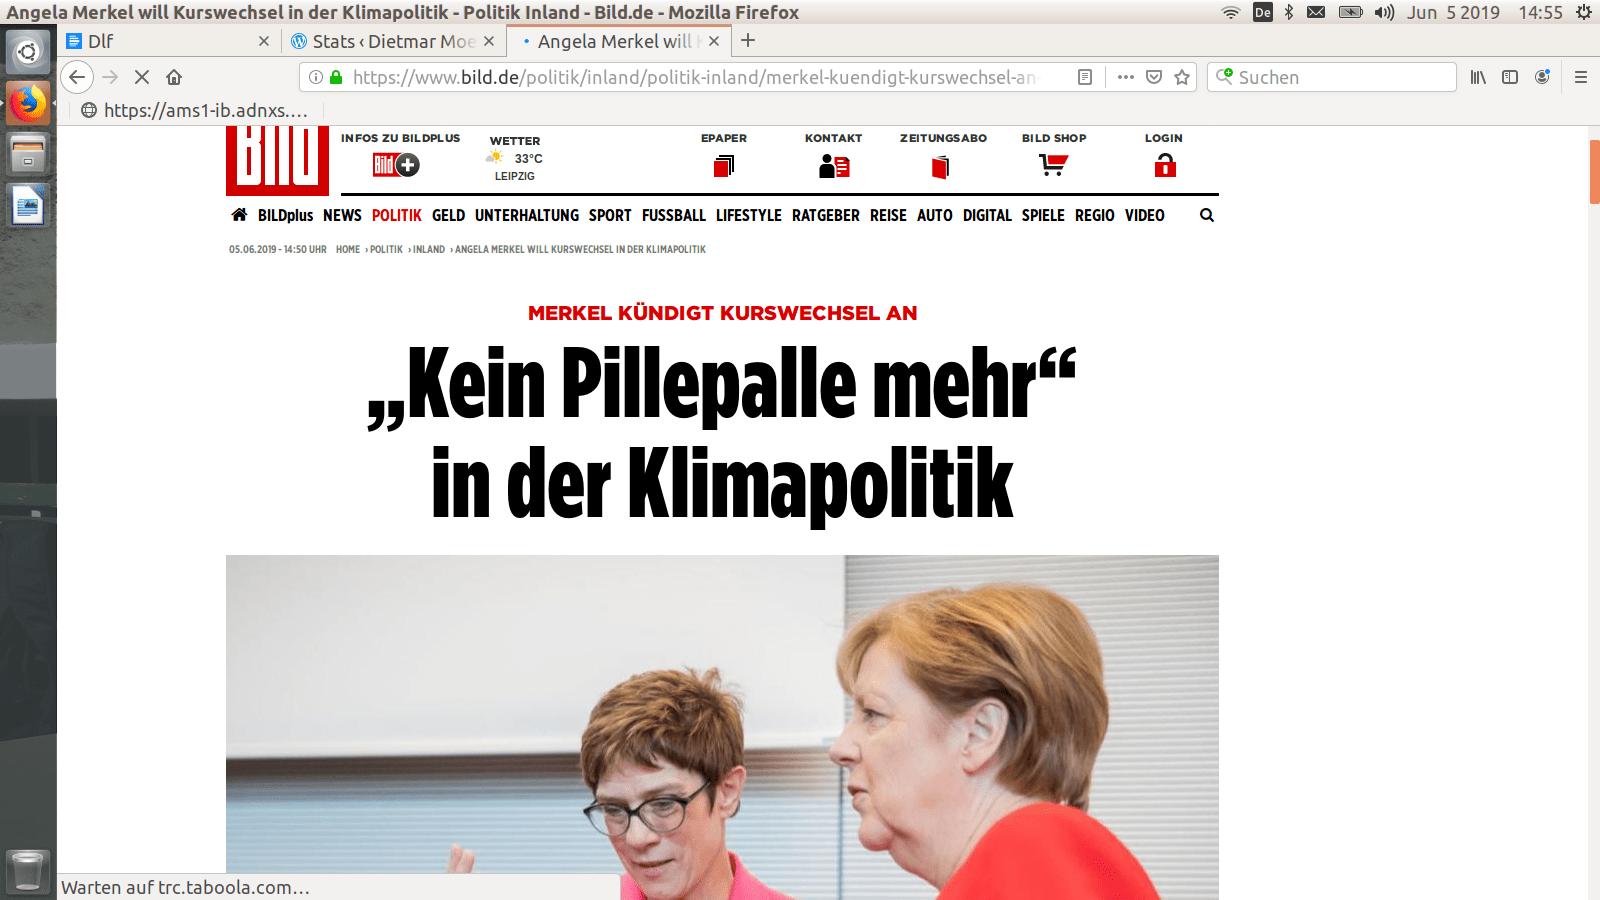 Durcheinander der Wahltermine im Föderalismus - featured image